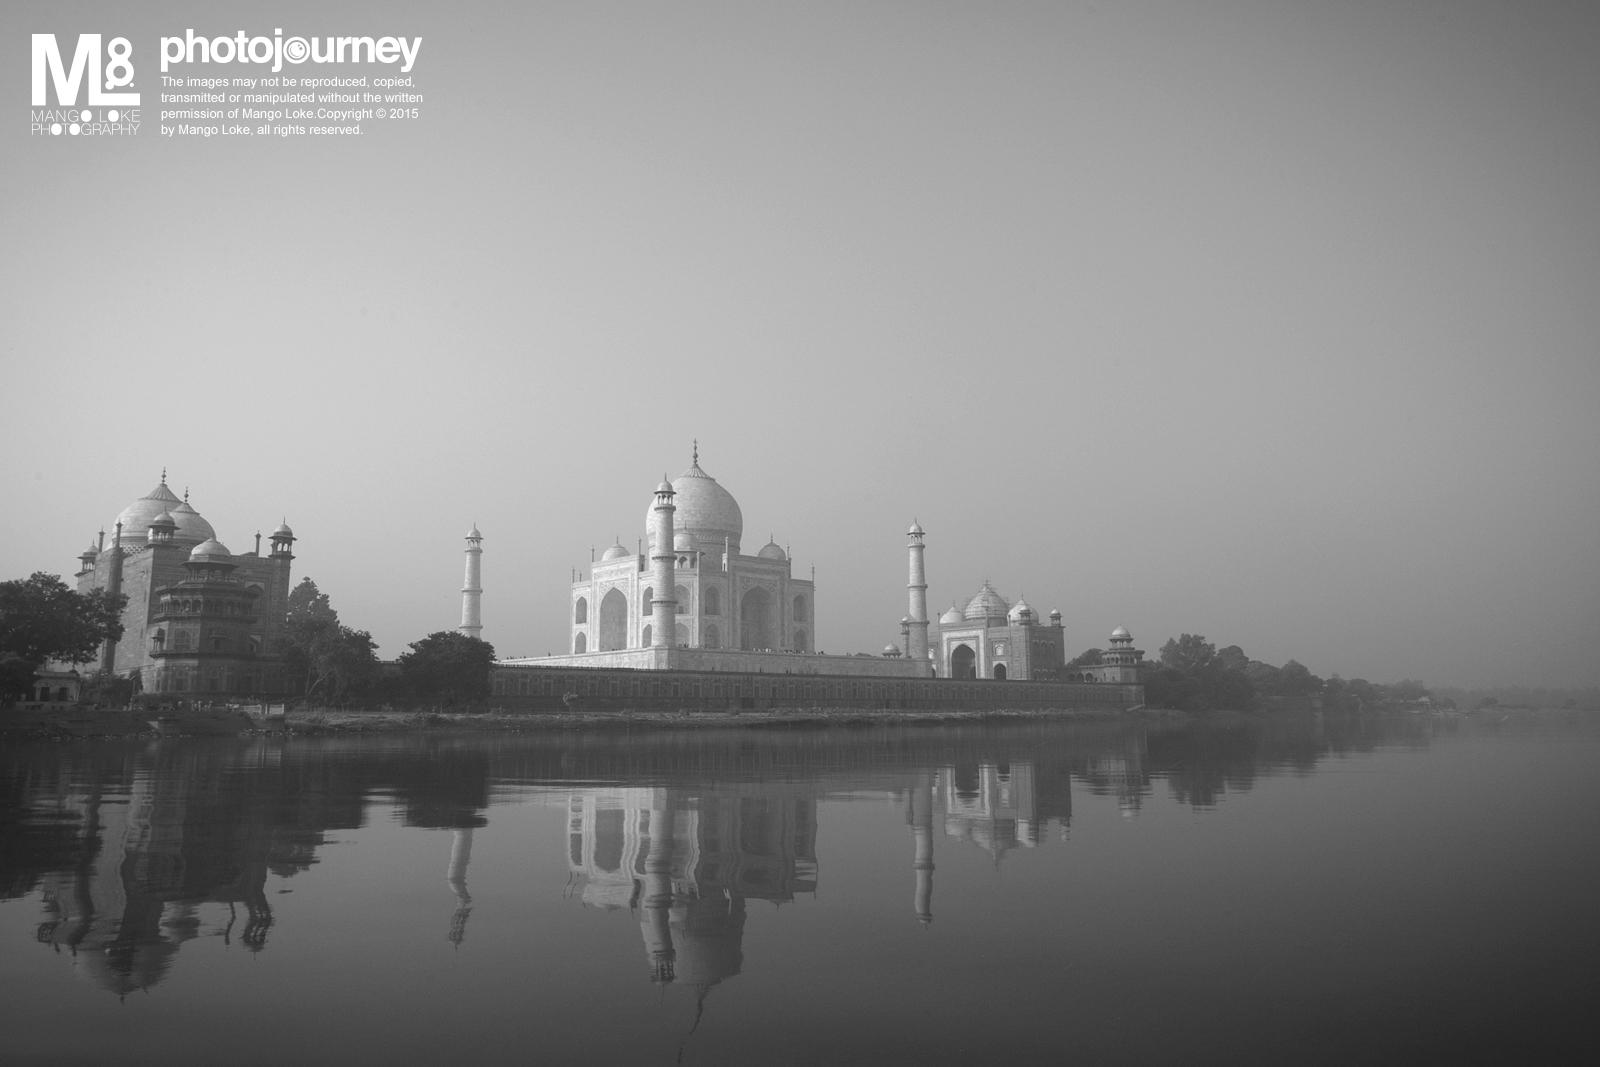 泰姬陵.The Taj Mahal   印度. India.2010CANON1DMKIII 16-35MM F2.8L 1/100 F10 ISO200   早上十点多,来到了泰姬陵东门后面,搭上了船夫,以不一样的角度去看这世界七大遗迹。当天的天气有少许烟雾,阳光的光线也被柔化了,把泰姬陵看起来有少许朦胧,真是美级了.